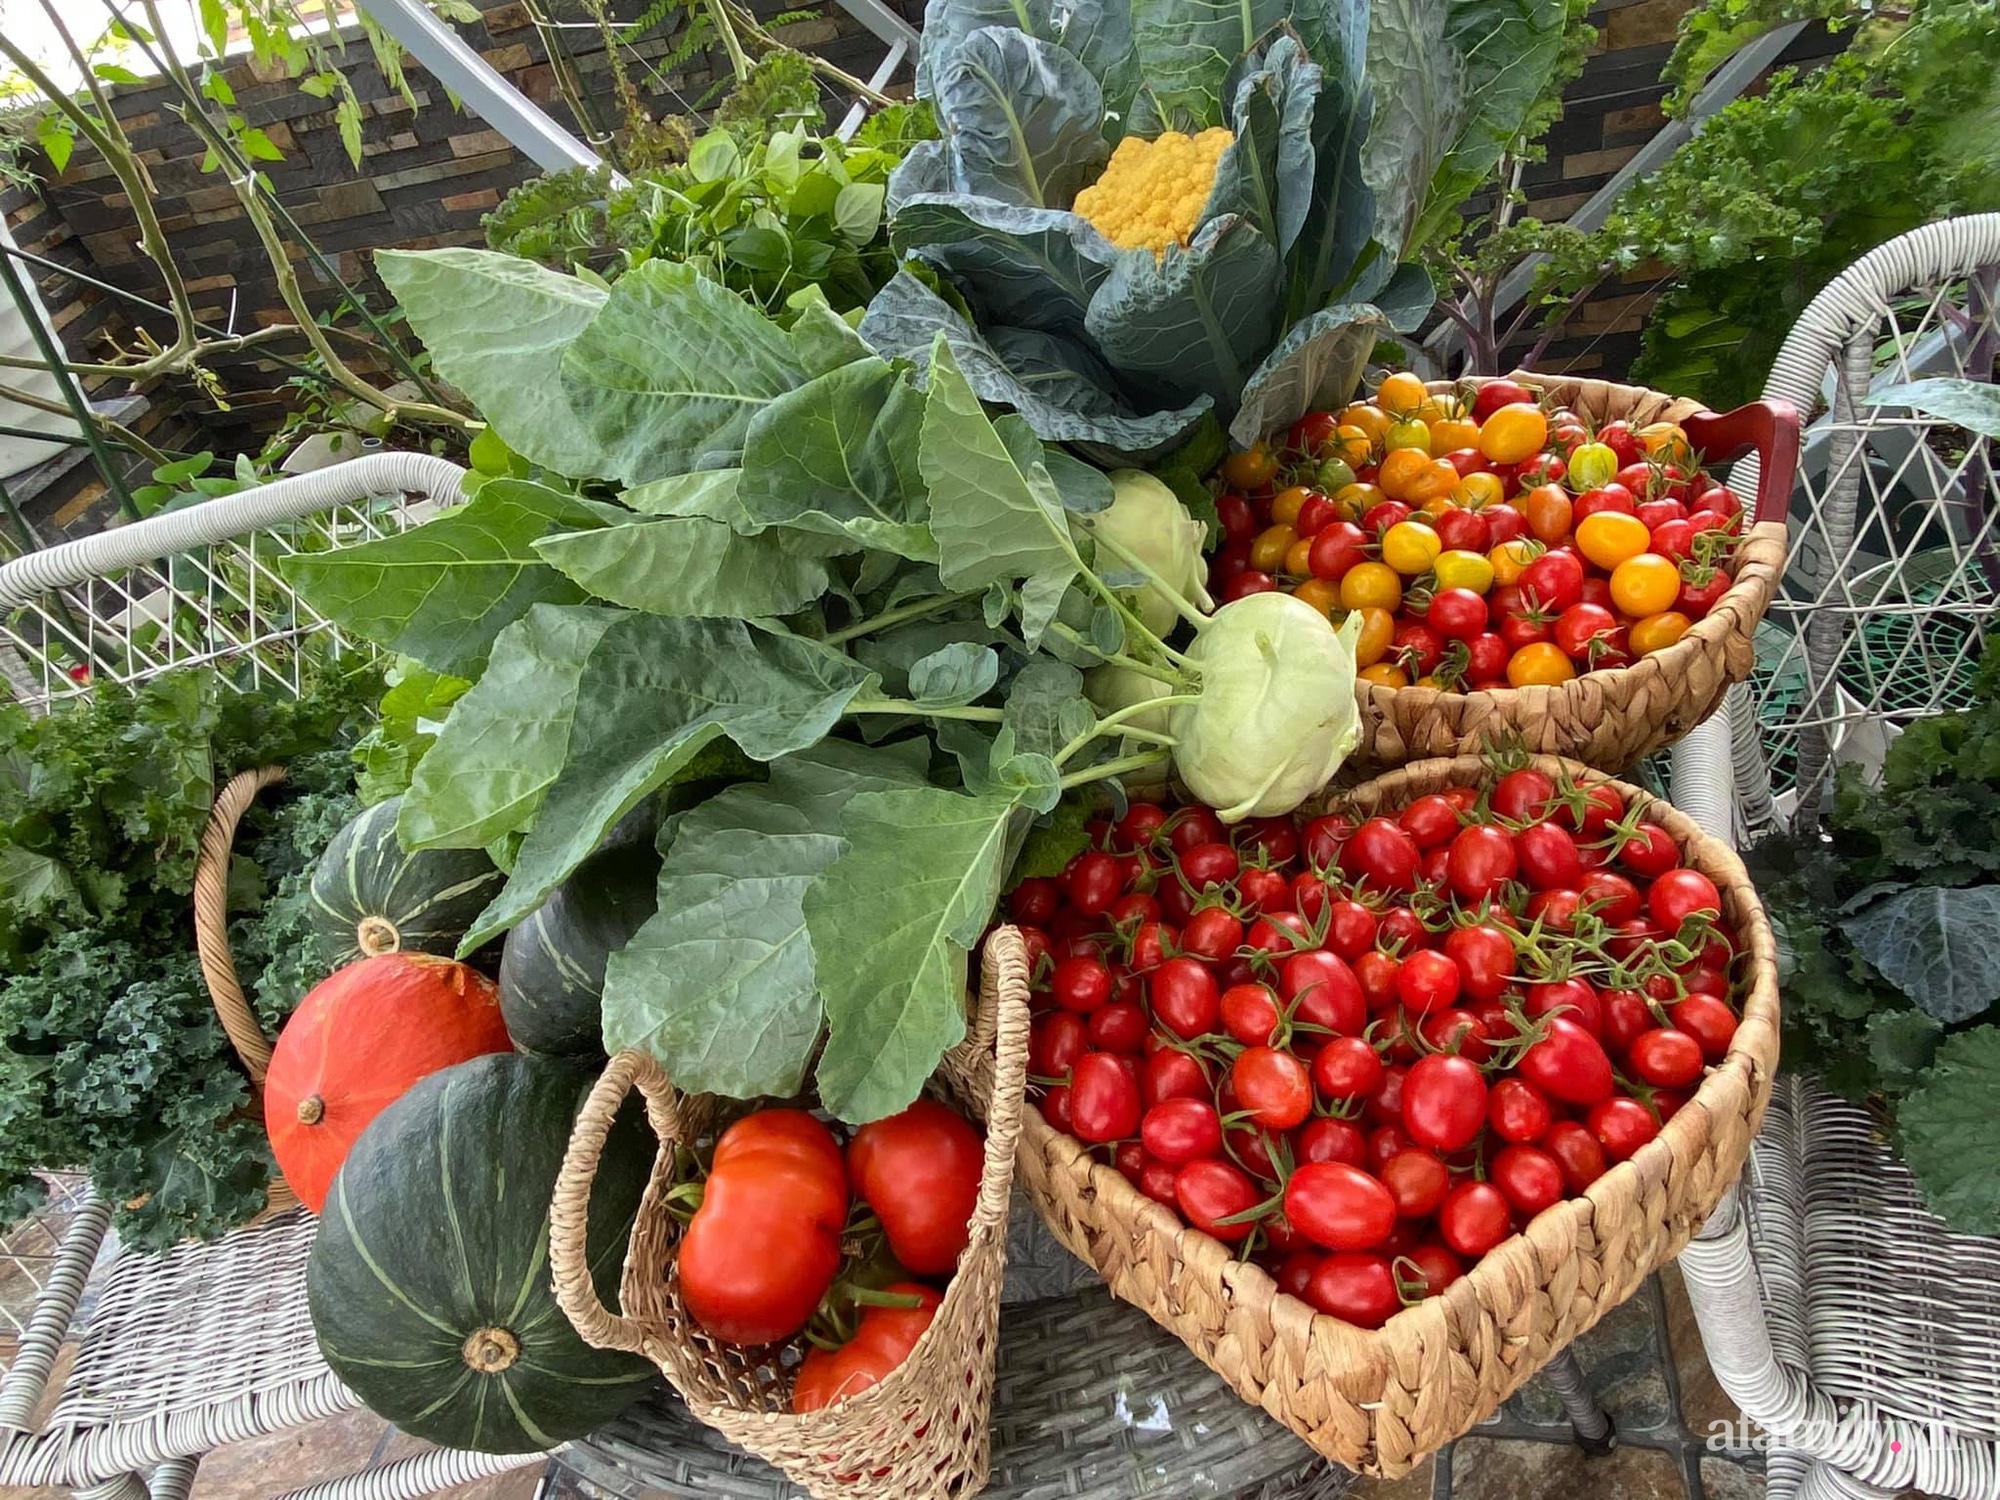 Giãn cách không ra khỏi nhà vẫn đủ rau quả thưởng thức nhờ vườn cây xanh um trên sân thượng ở Đà Nẵng - Ảnh 15.